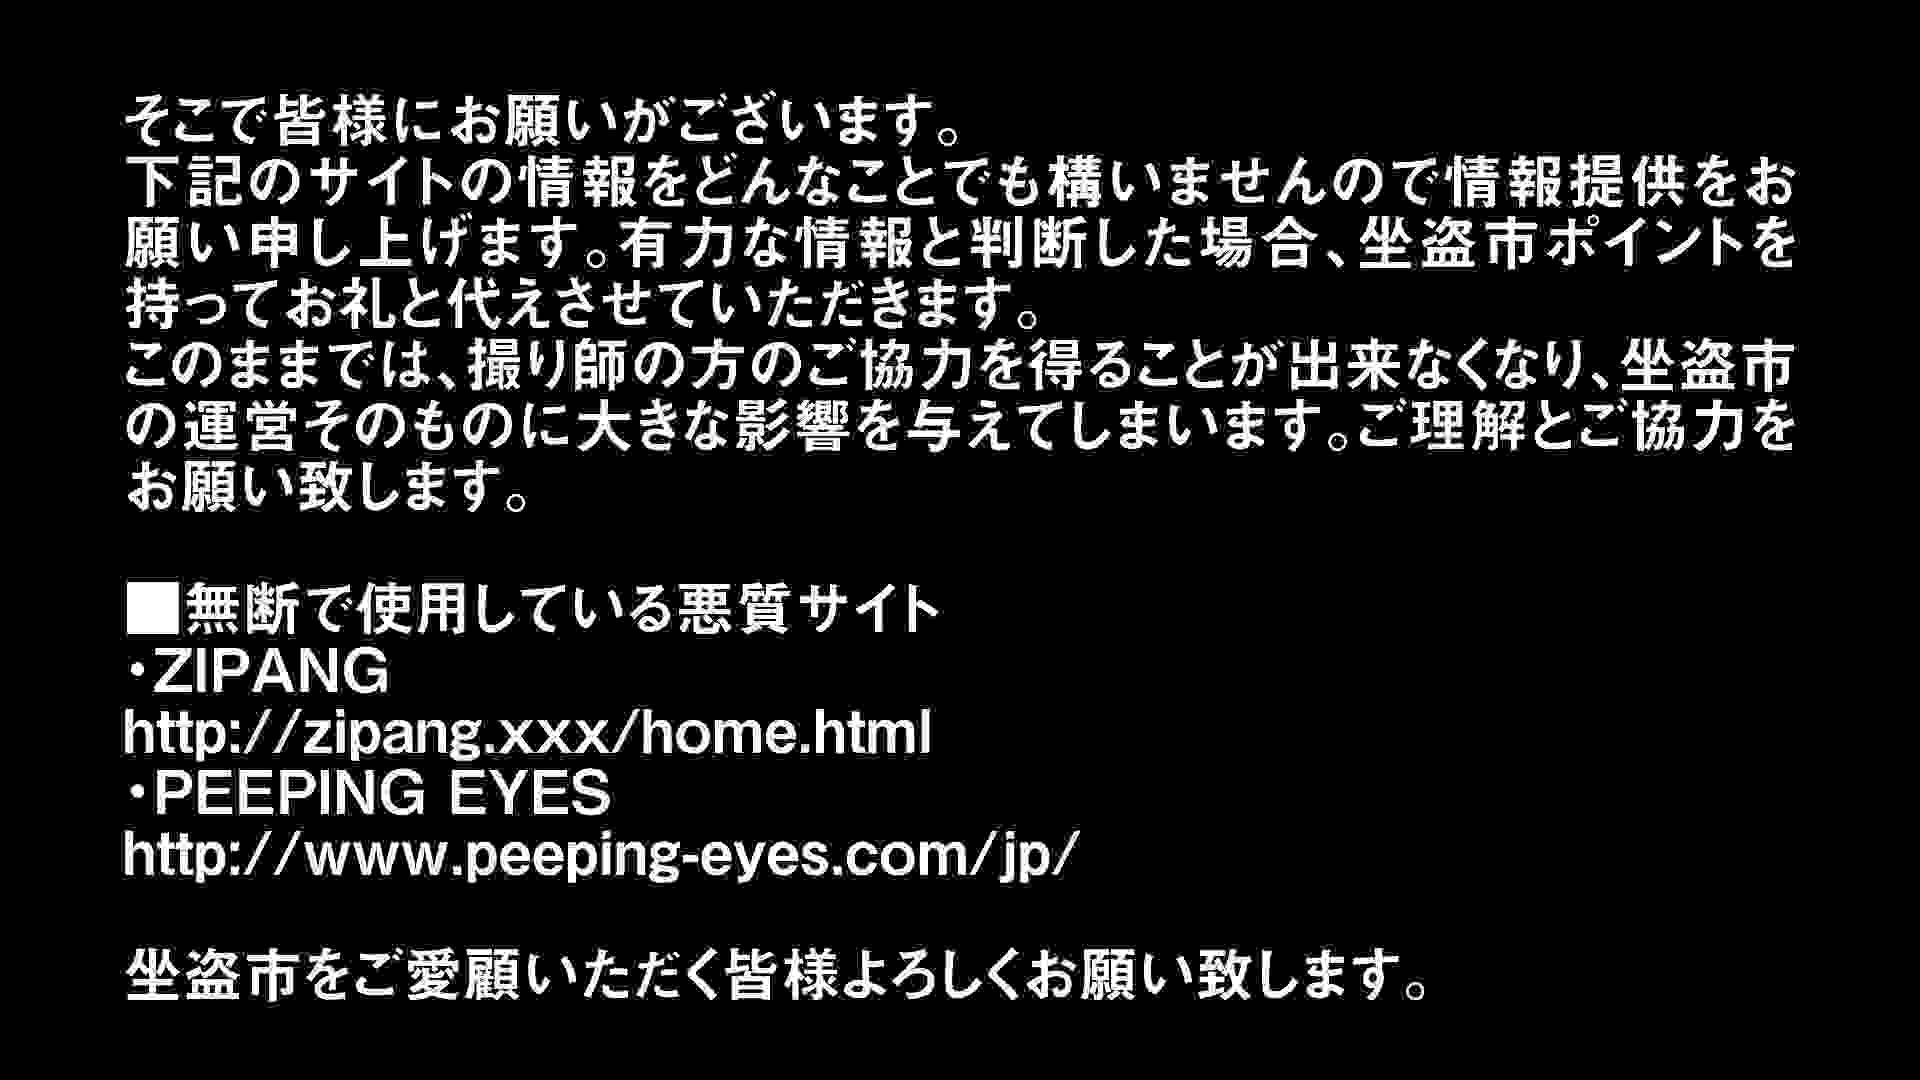 Aquaな露天風呂Vol.301 露天 | 盗撮  85画像 25